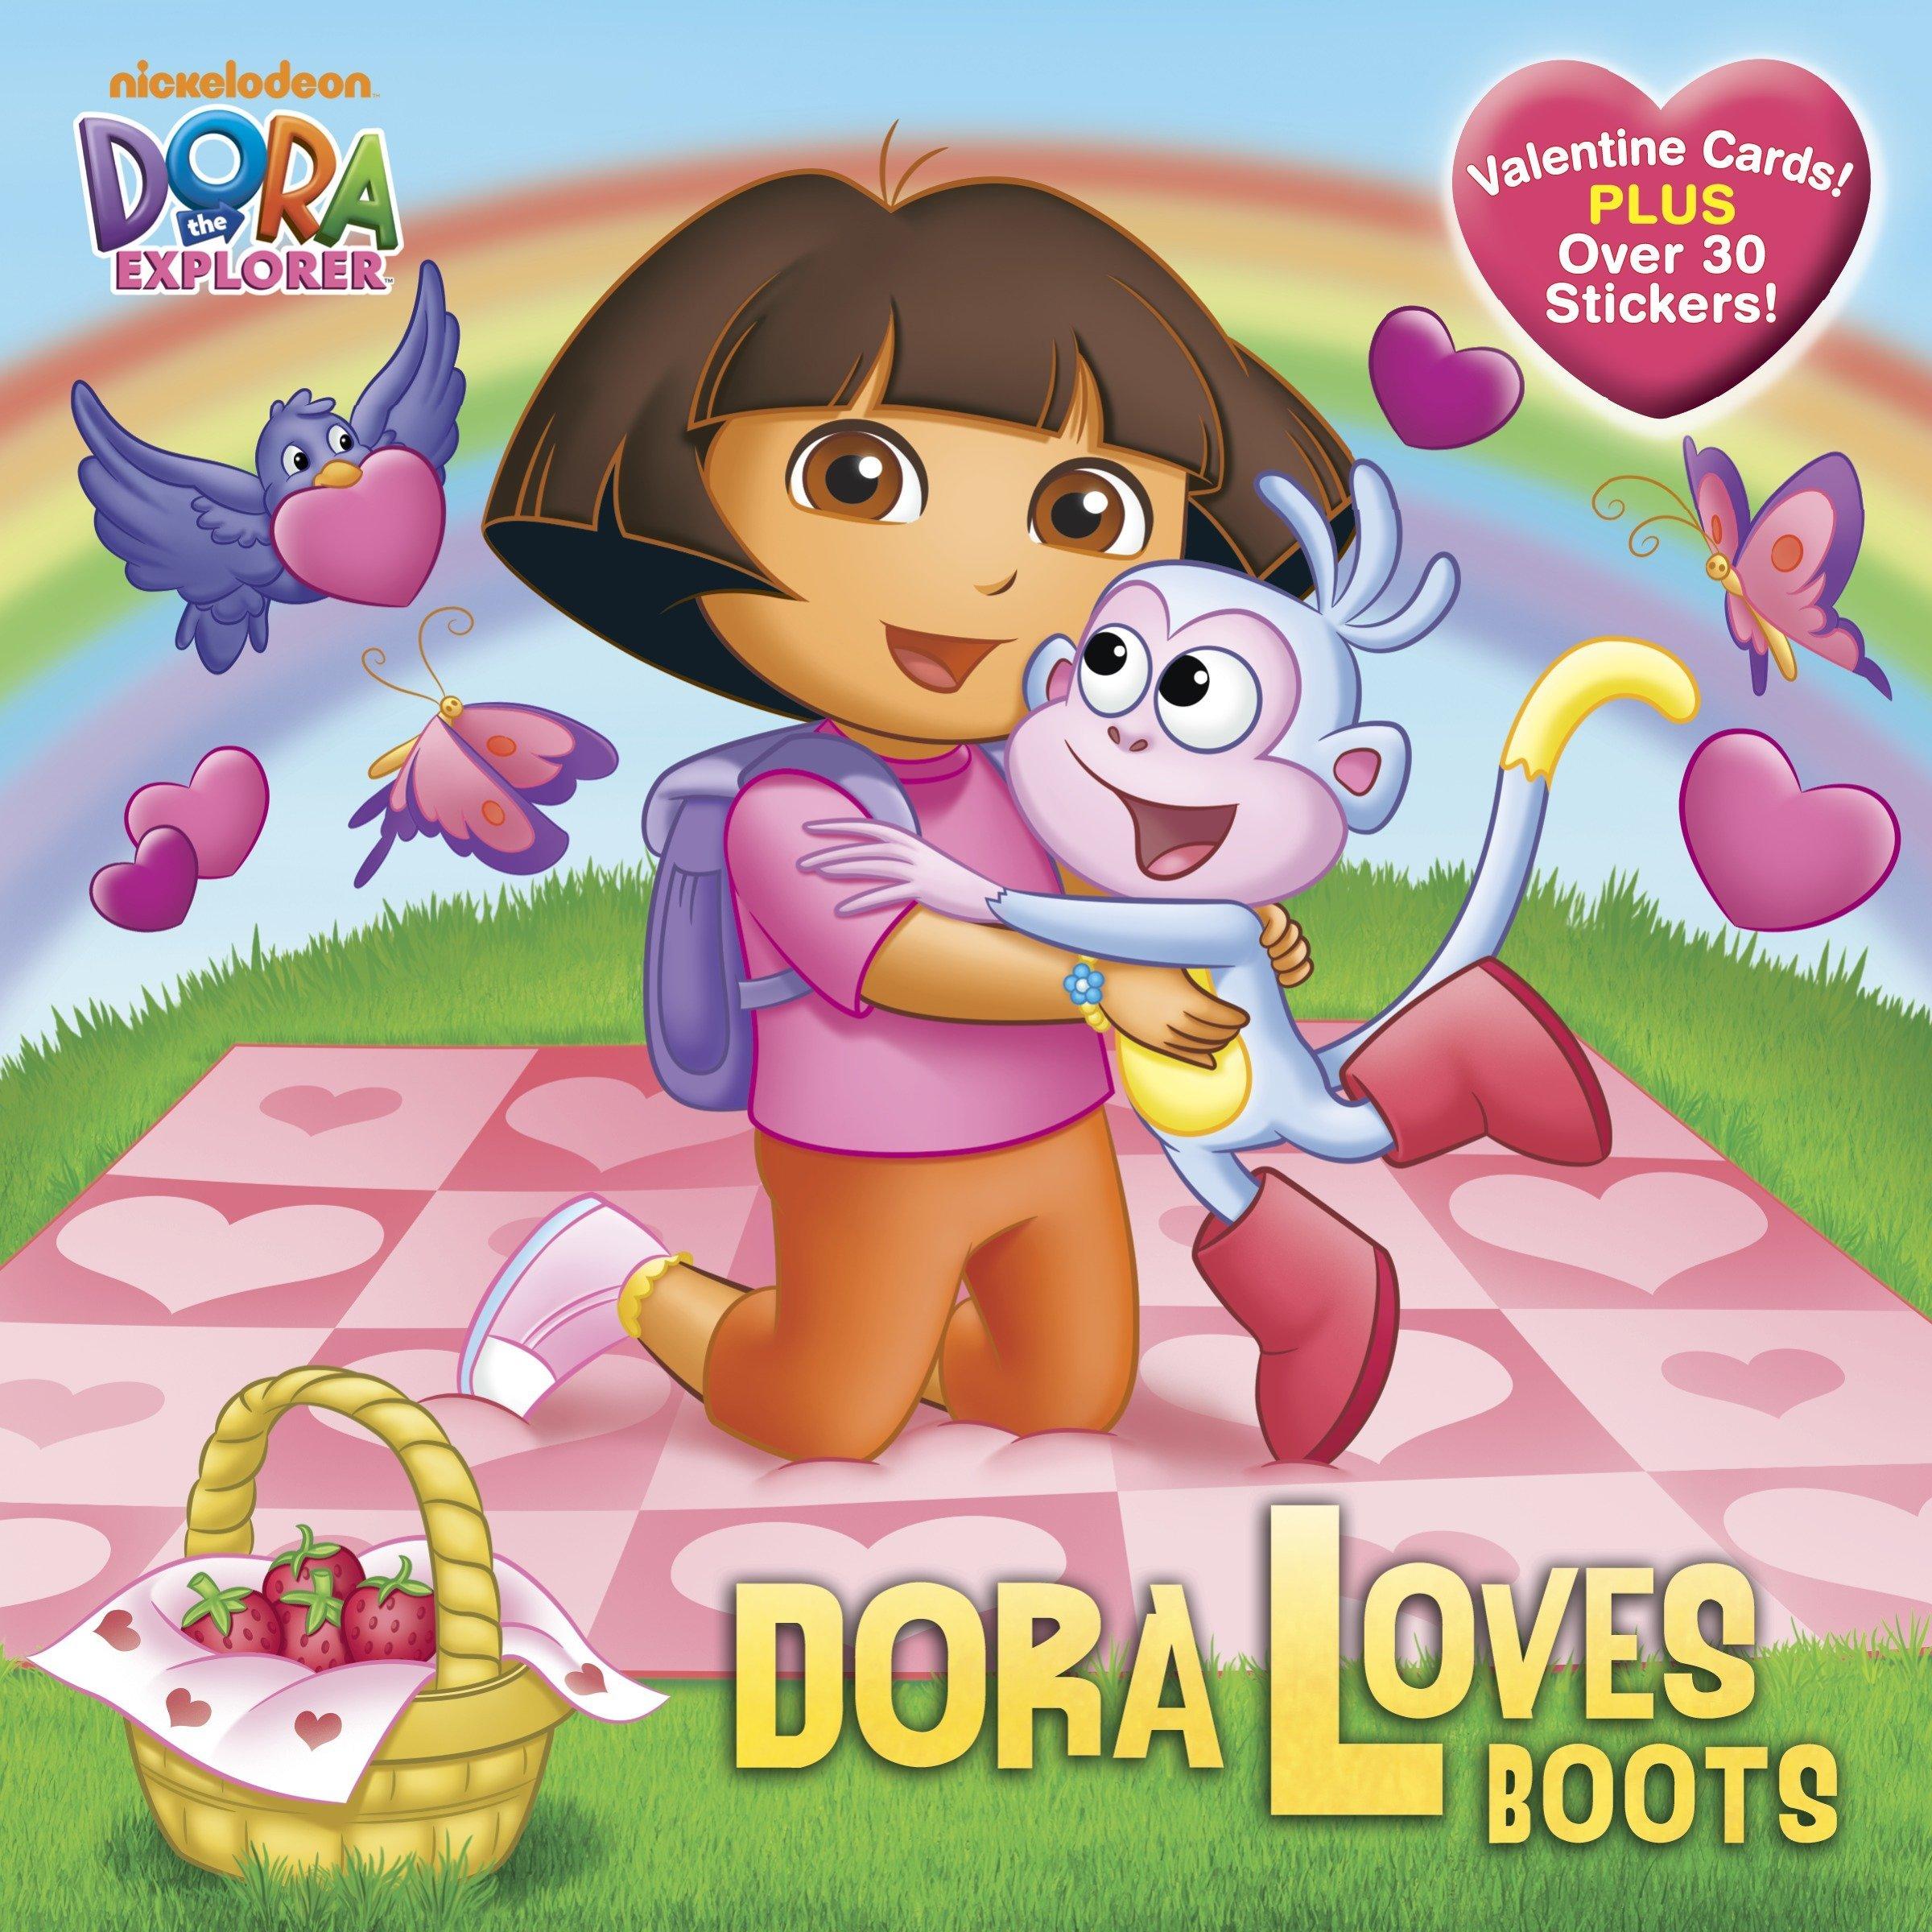 Dora Loves Boots Dora The Explorer Pictureback R Inches Alison Mj Illustrations 9780385373456 Amazon Com Books